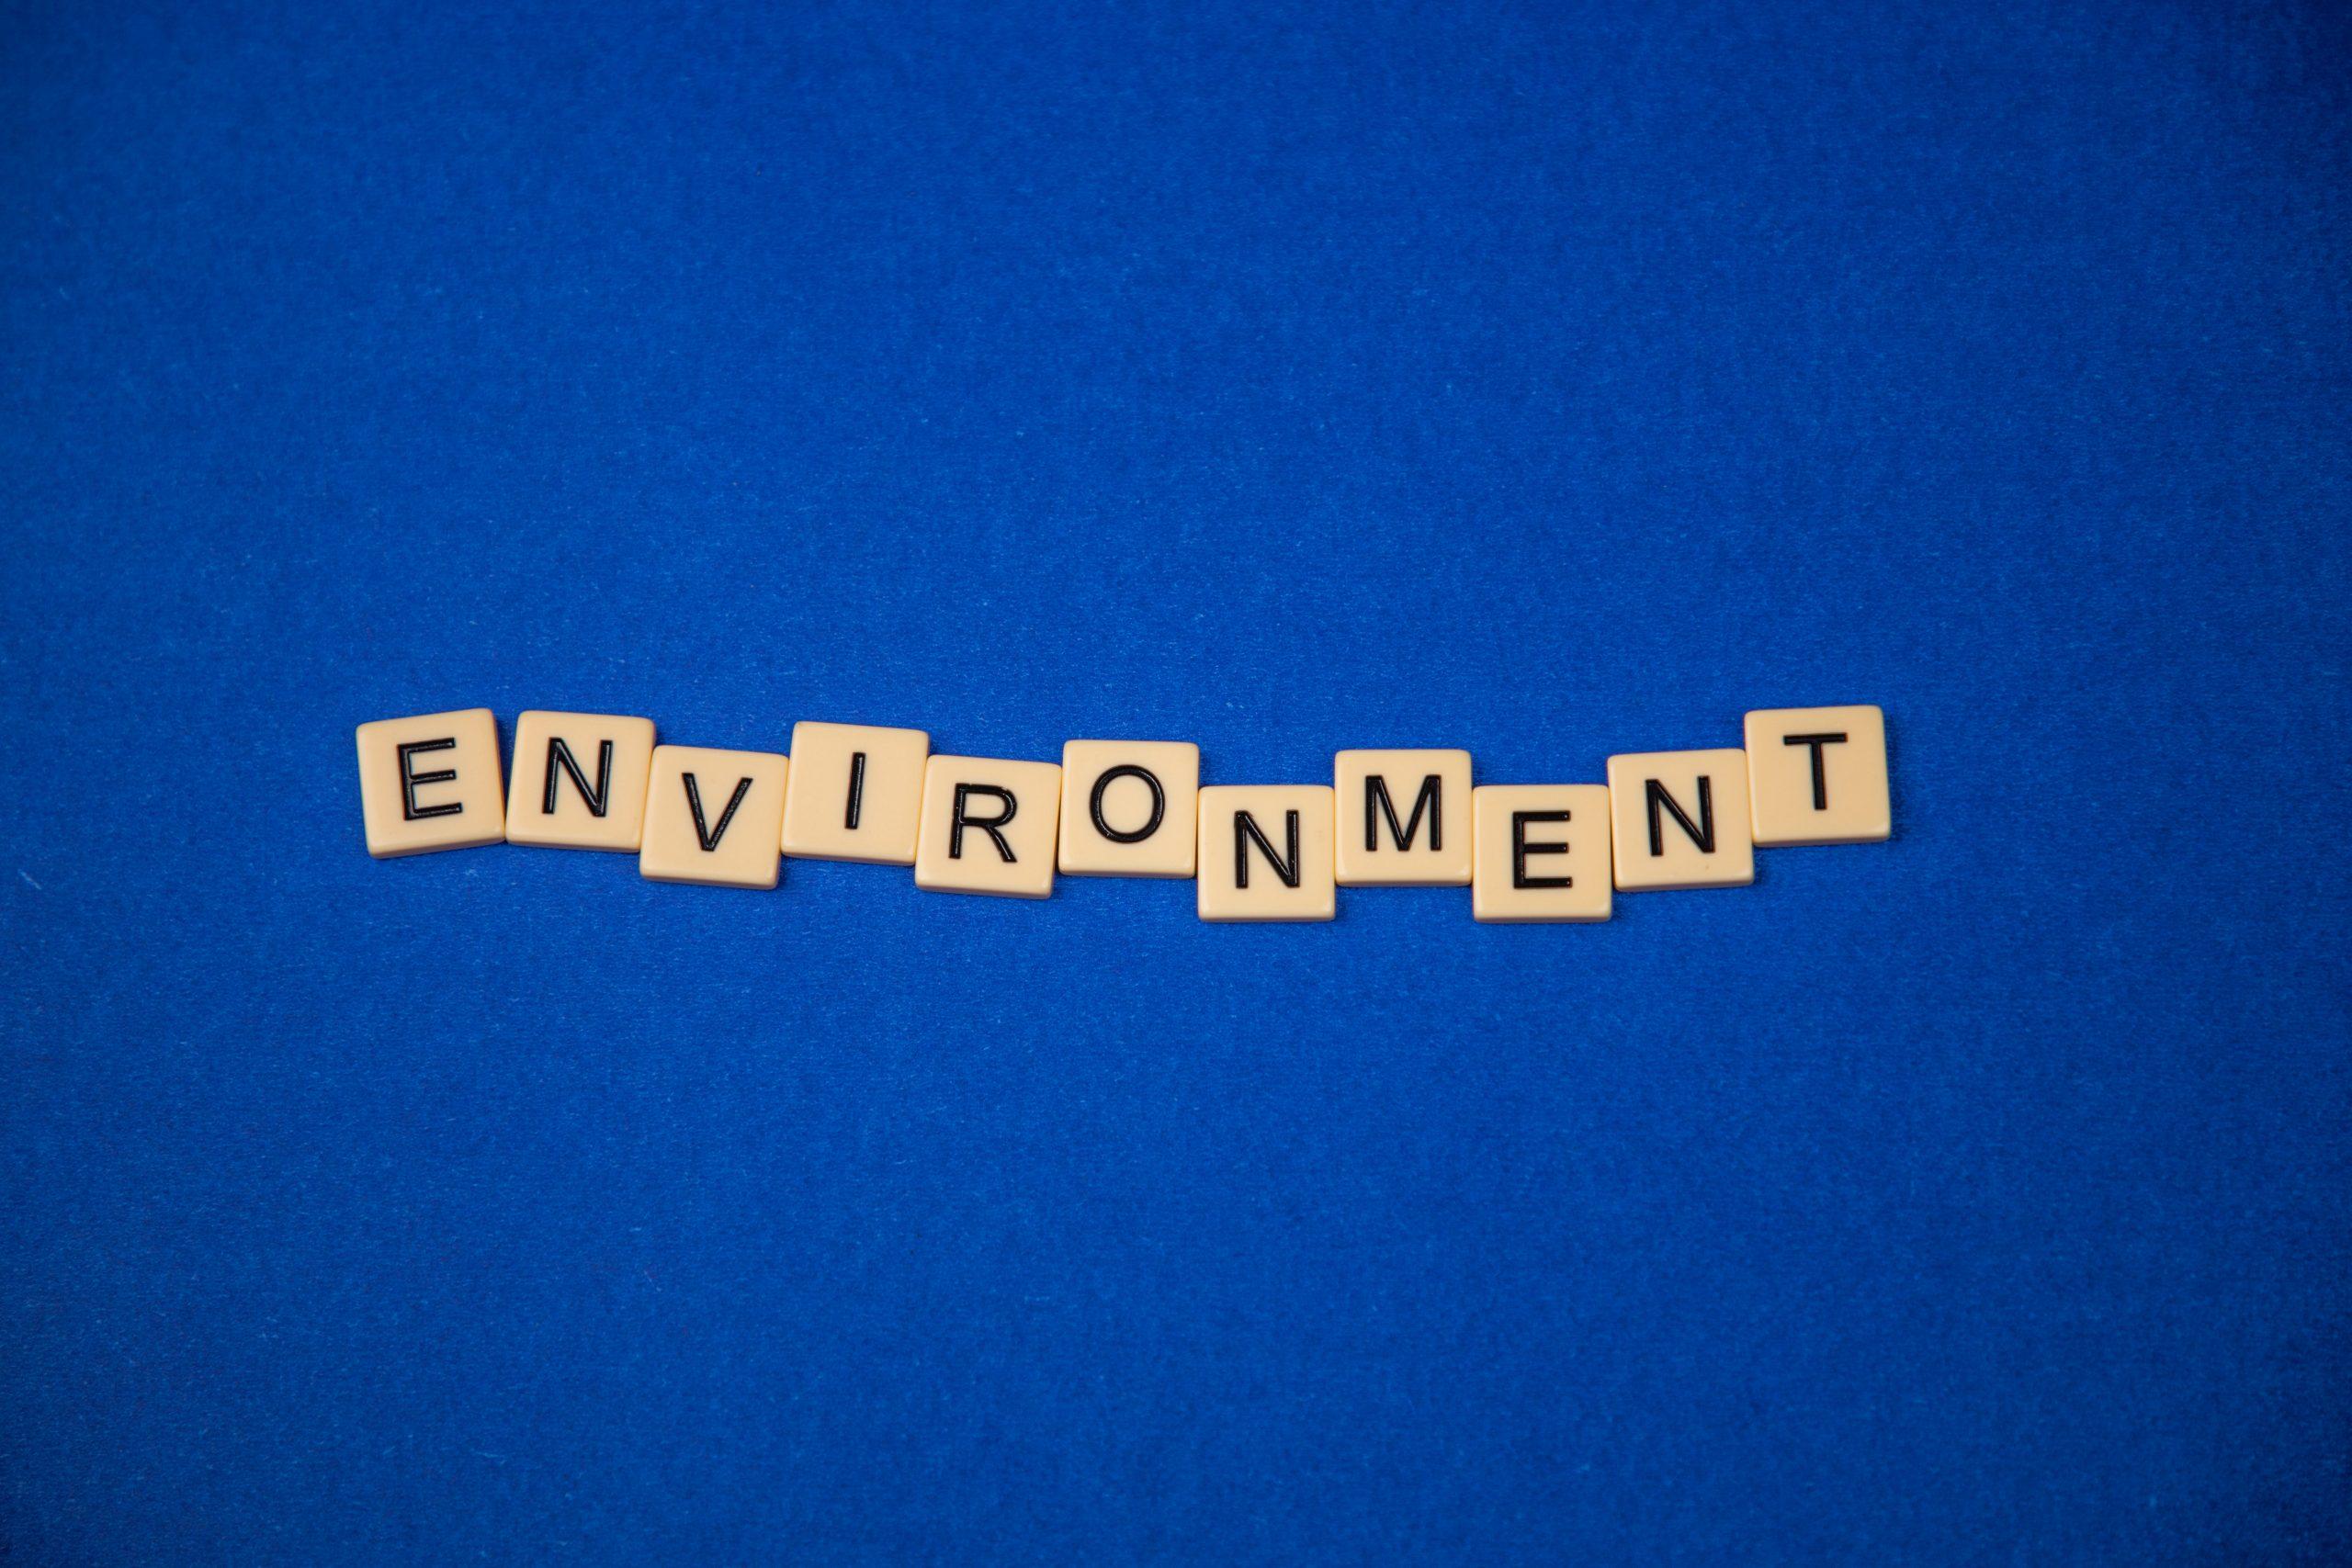 Environment written on scrabble